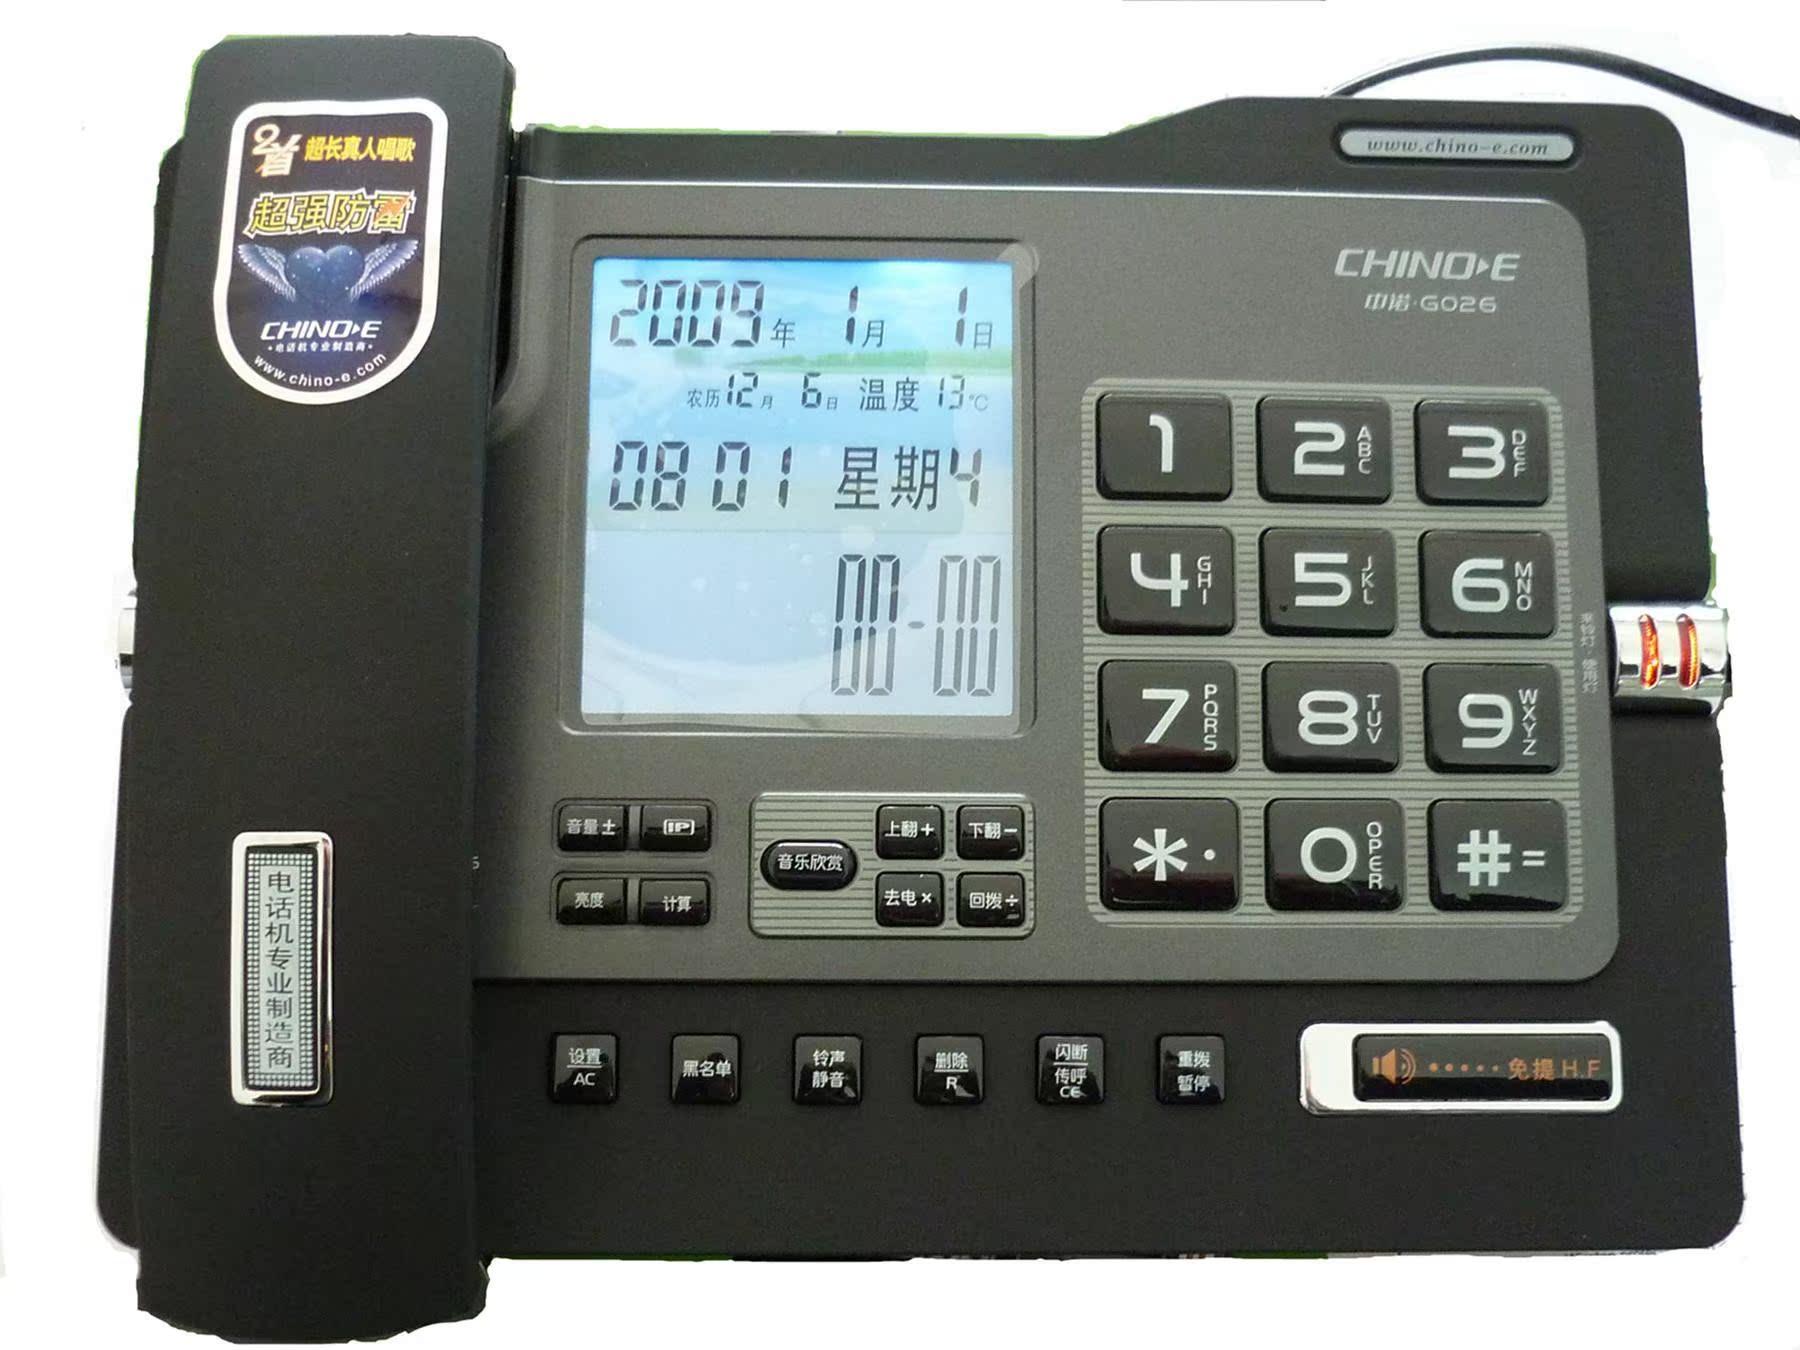 Проводной и DECT-телефон Chino e  G026 проводной и dect телефон us 6896